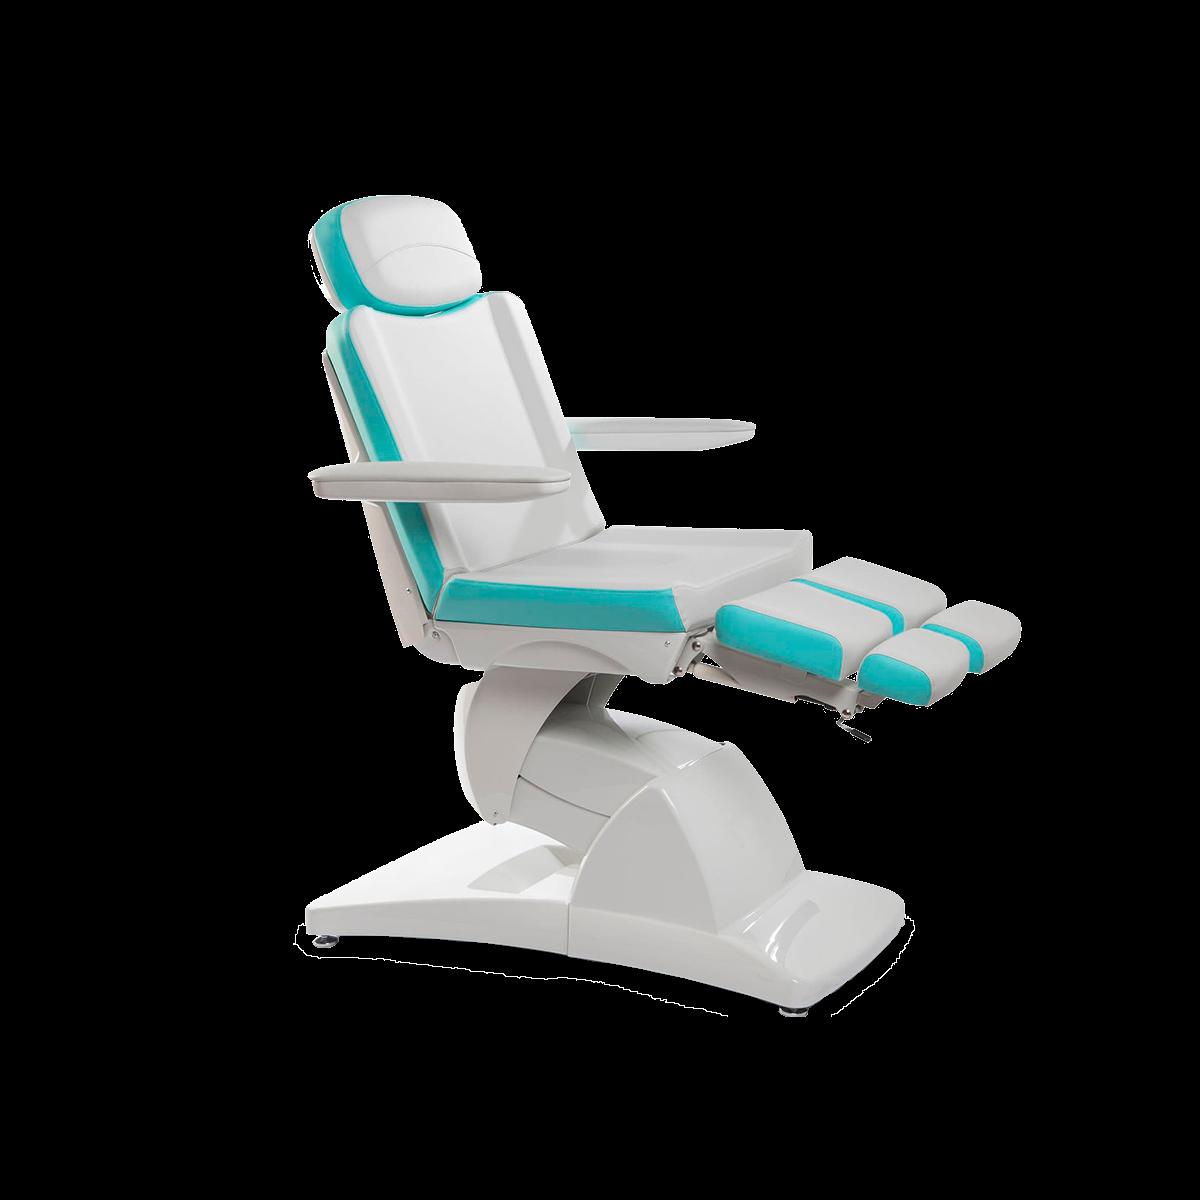 Podiatry examination chairs